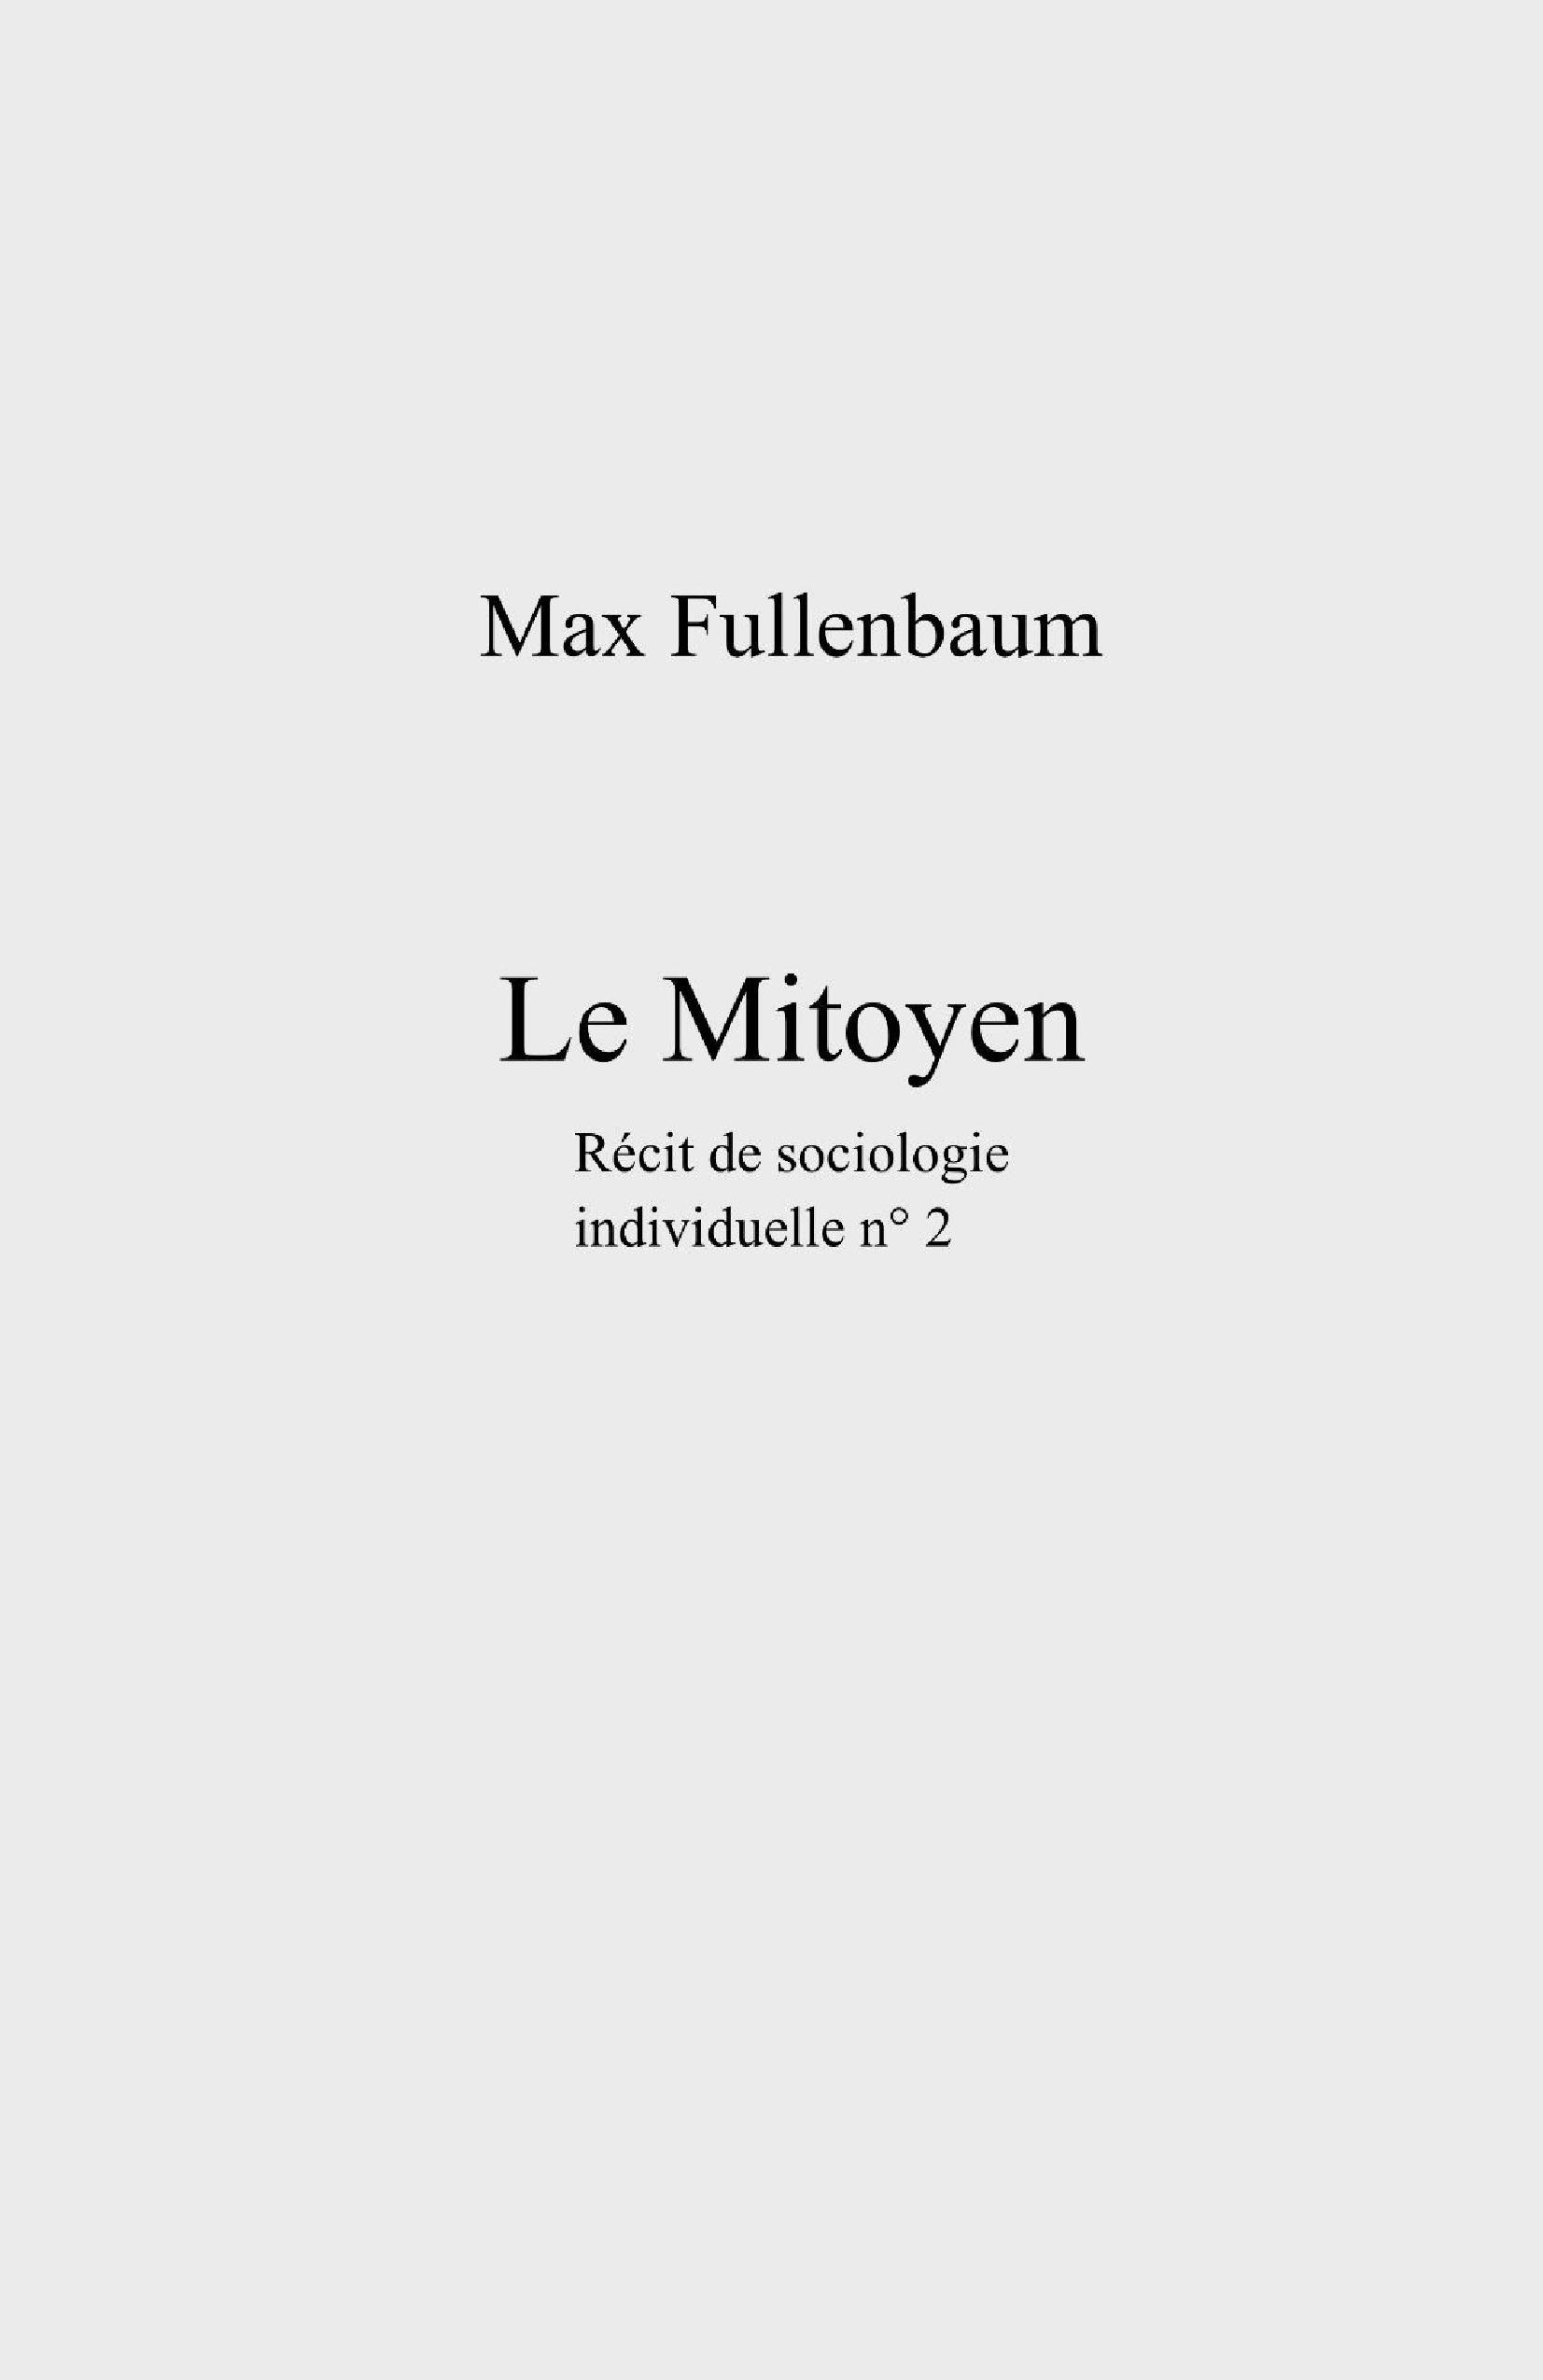 Le Mitoyen, R?cit de sociologie individuelle n? 2